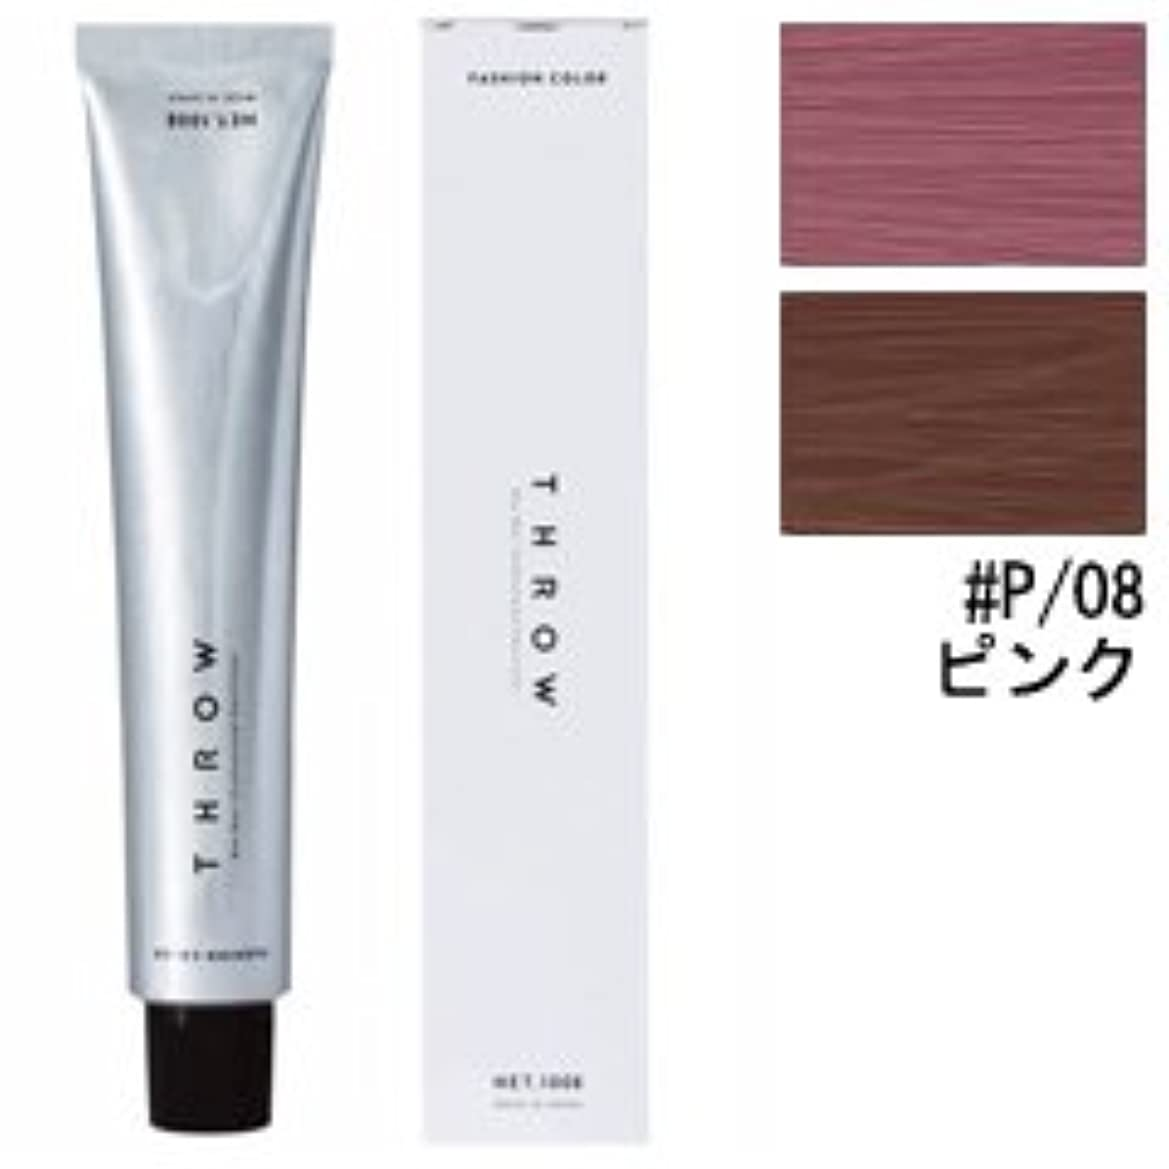 最大限加速する宝【モルトベーネ】スロウ ファッションカラー #P/08 ピンク 100g